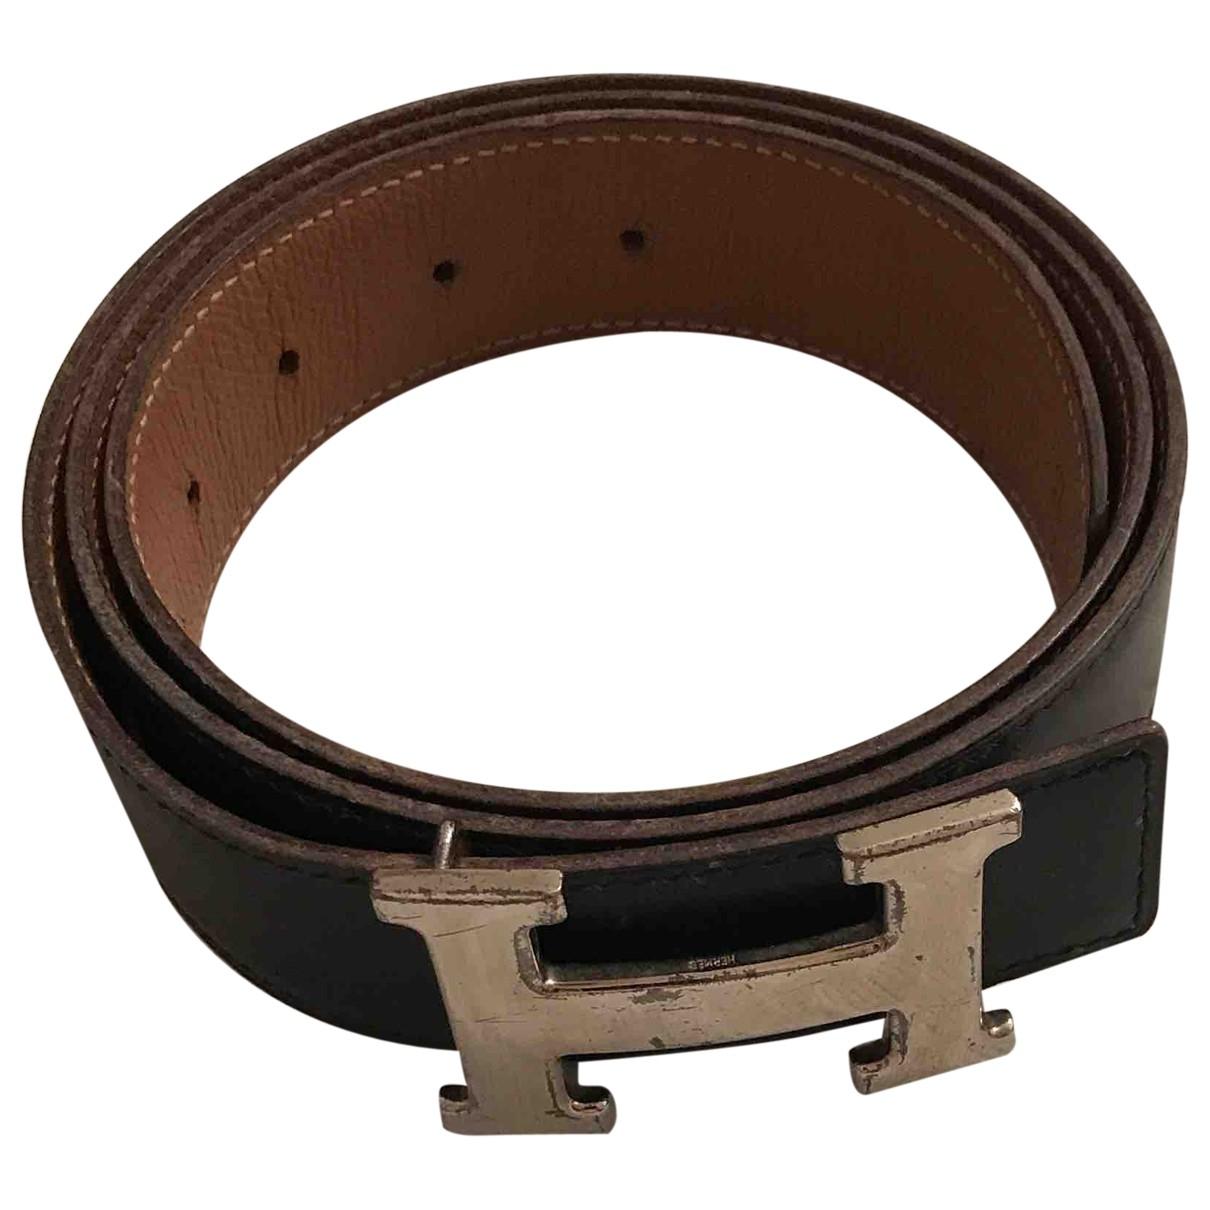 Hermès H Black Leather belt for Women 90 cm